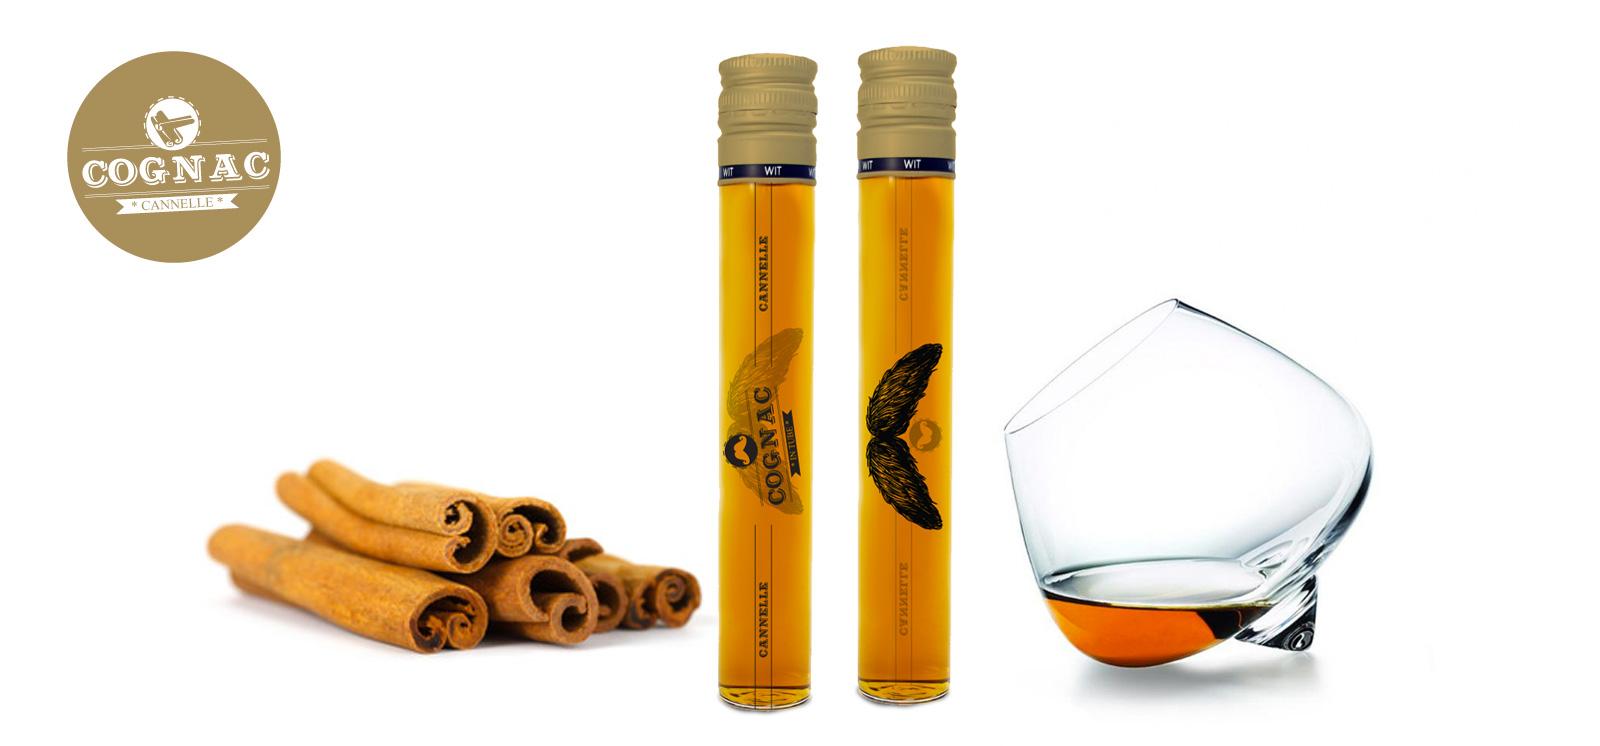 Site rencontre cognac